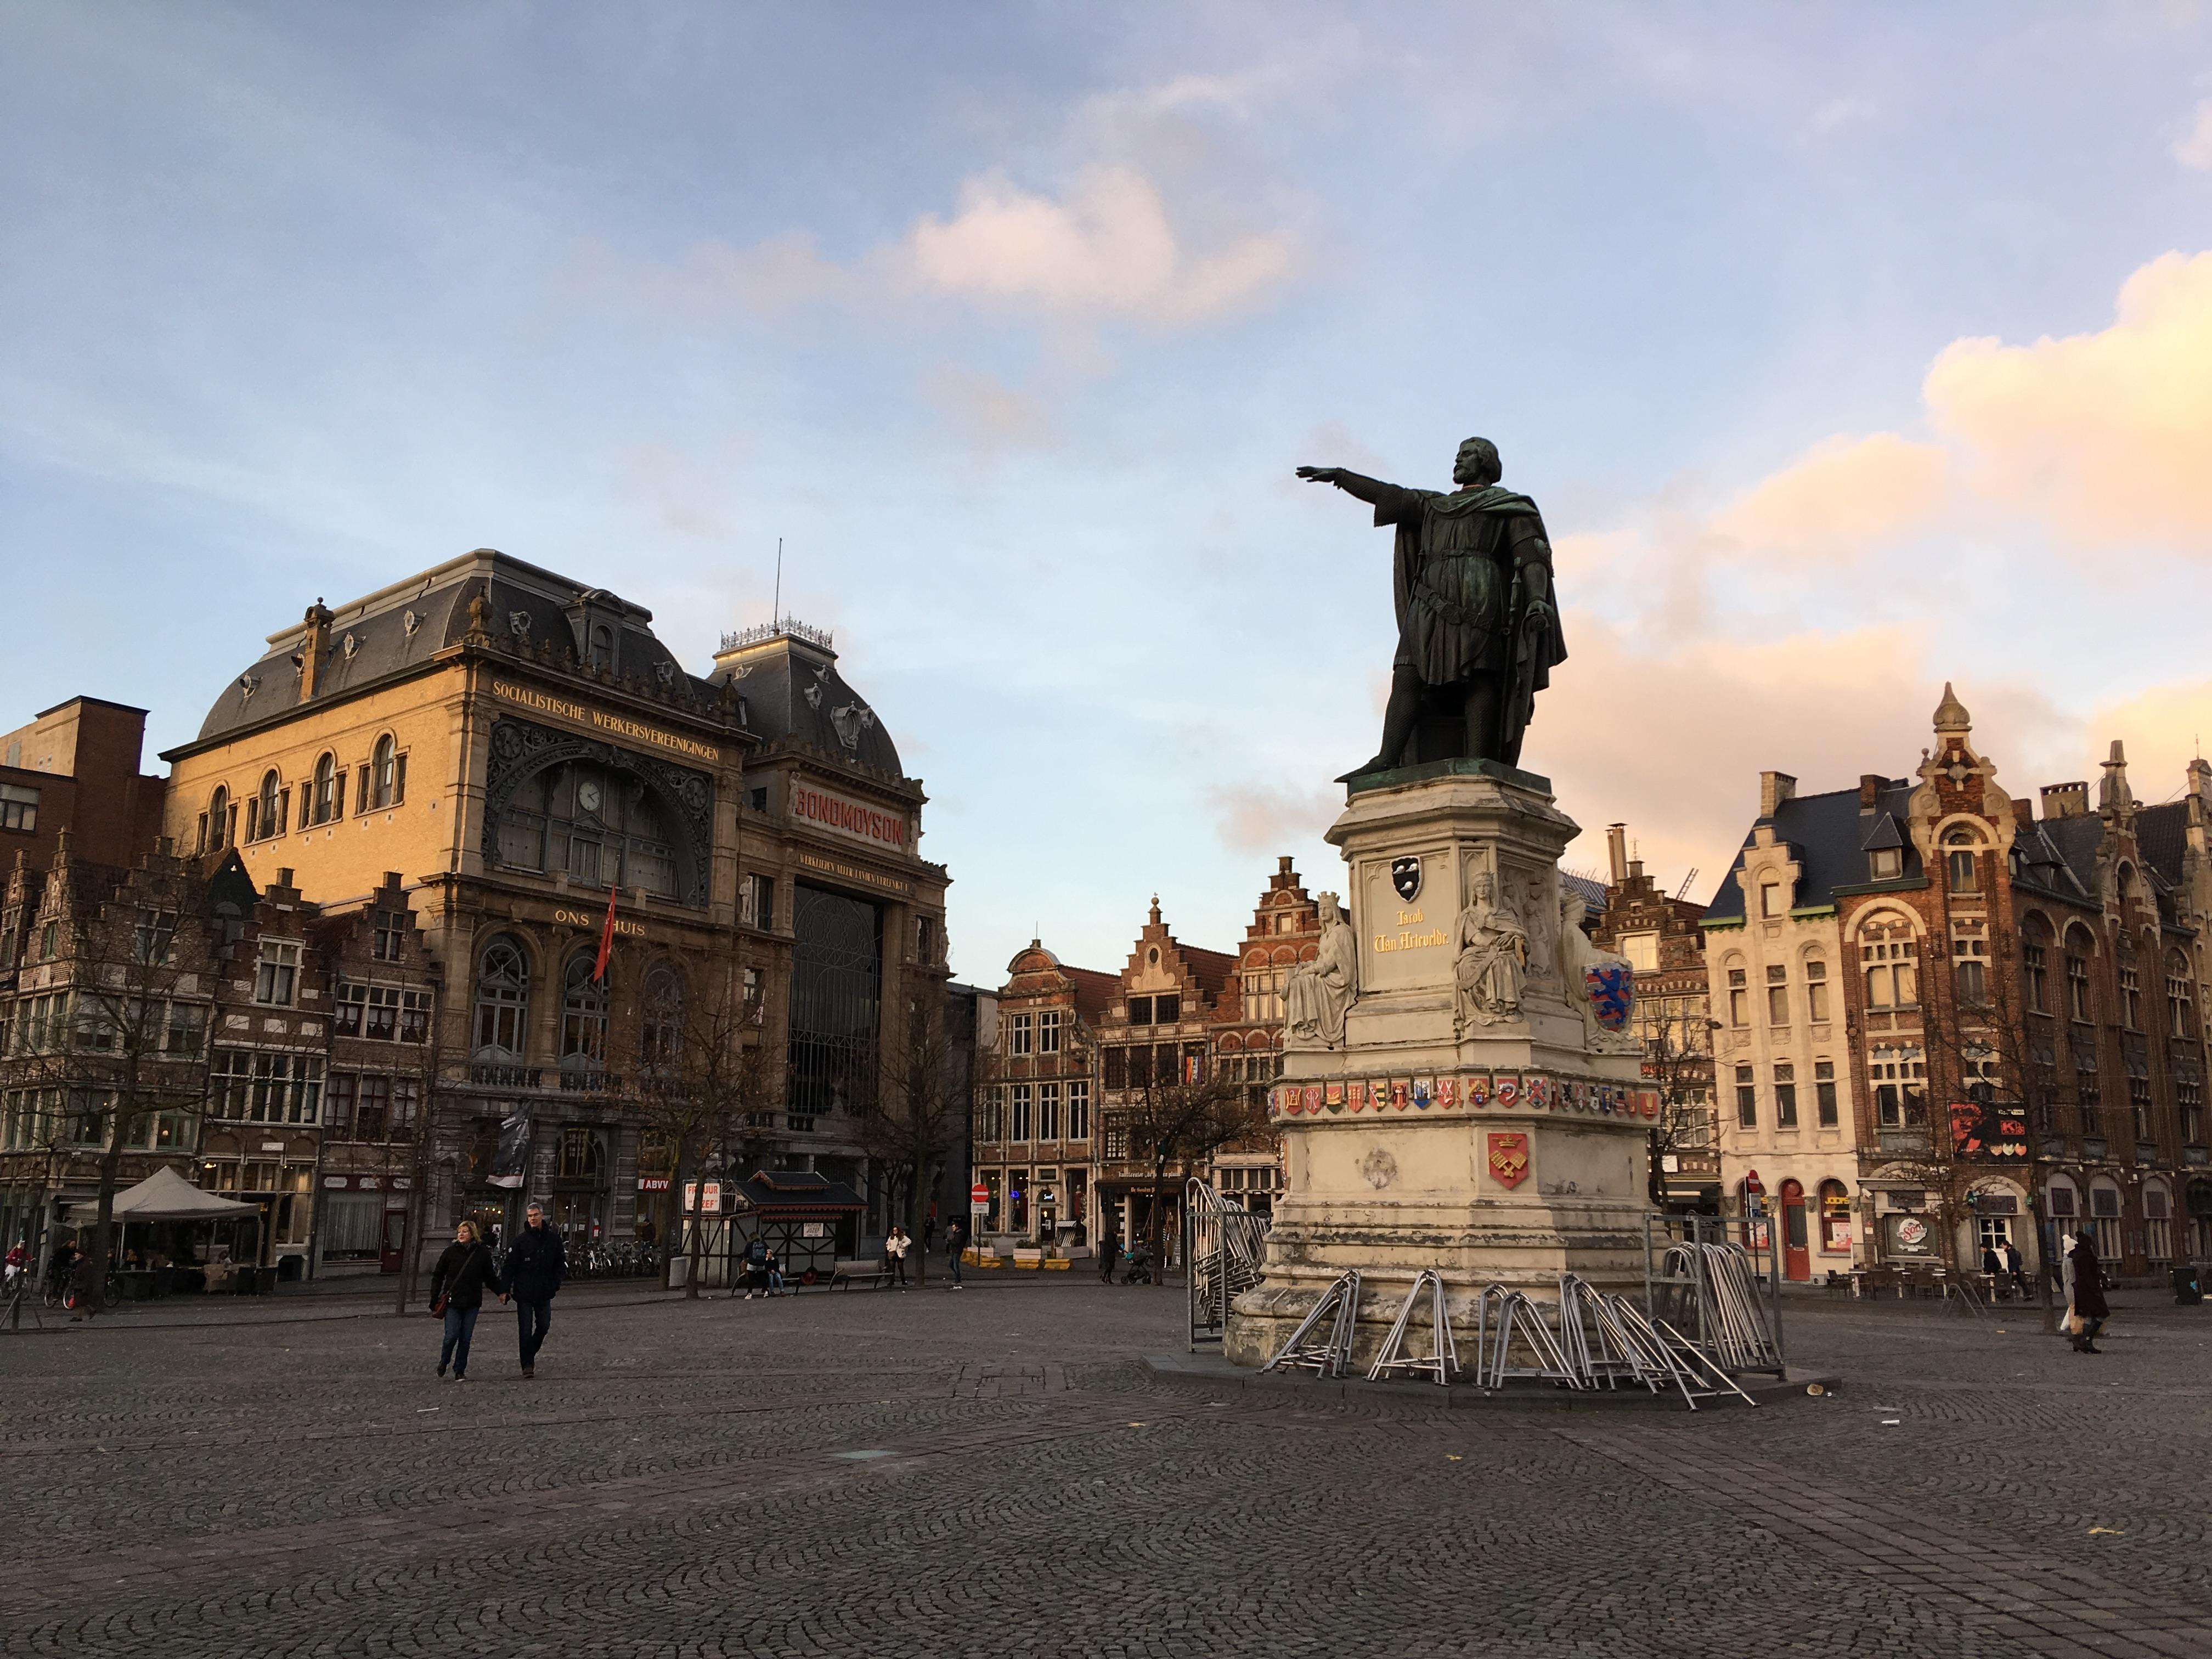 Gent – Grachten, große Türme und ganz viel Licht